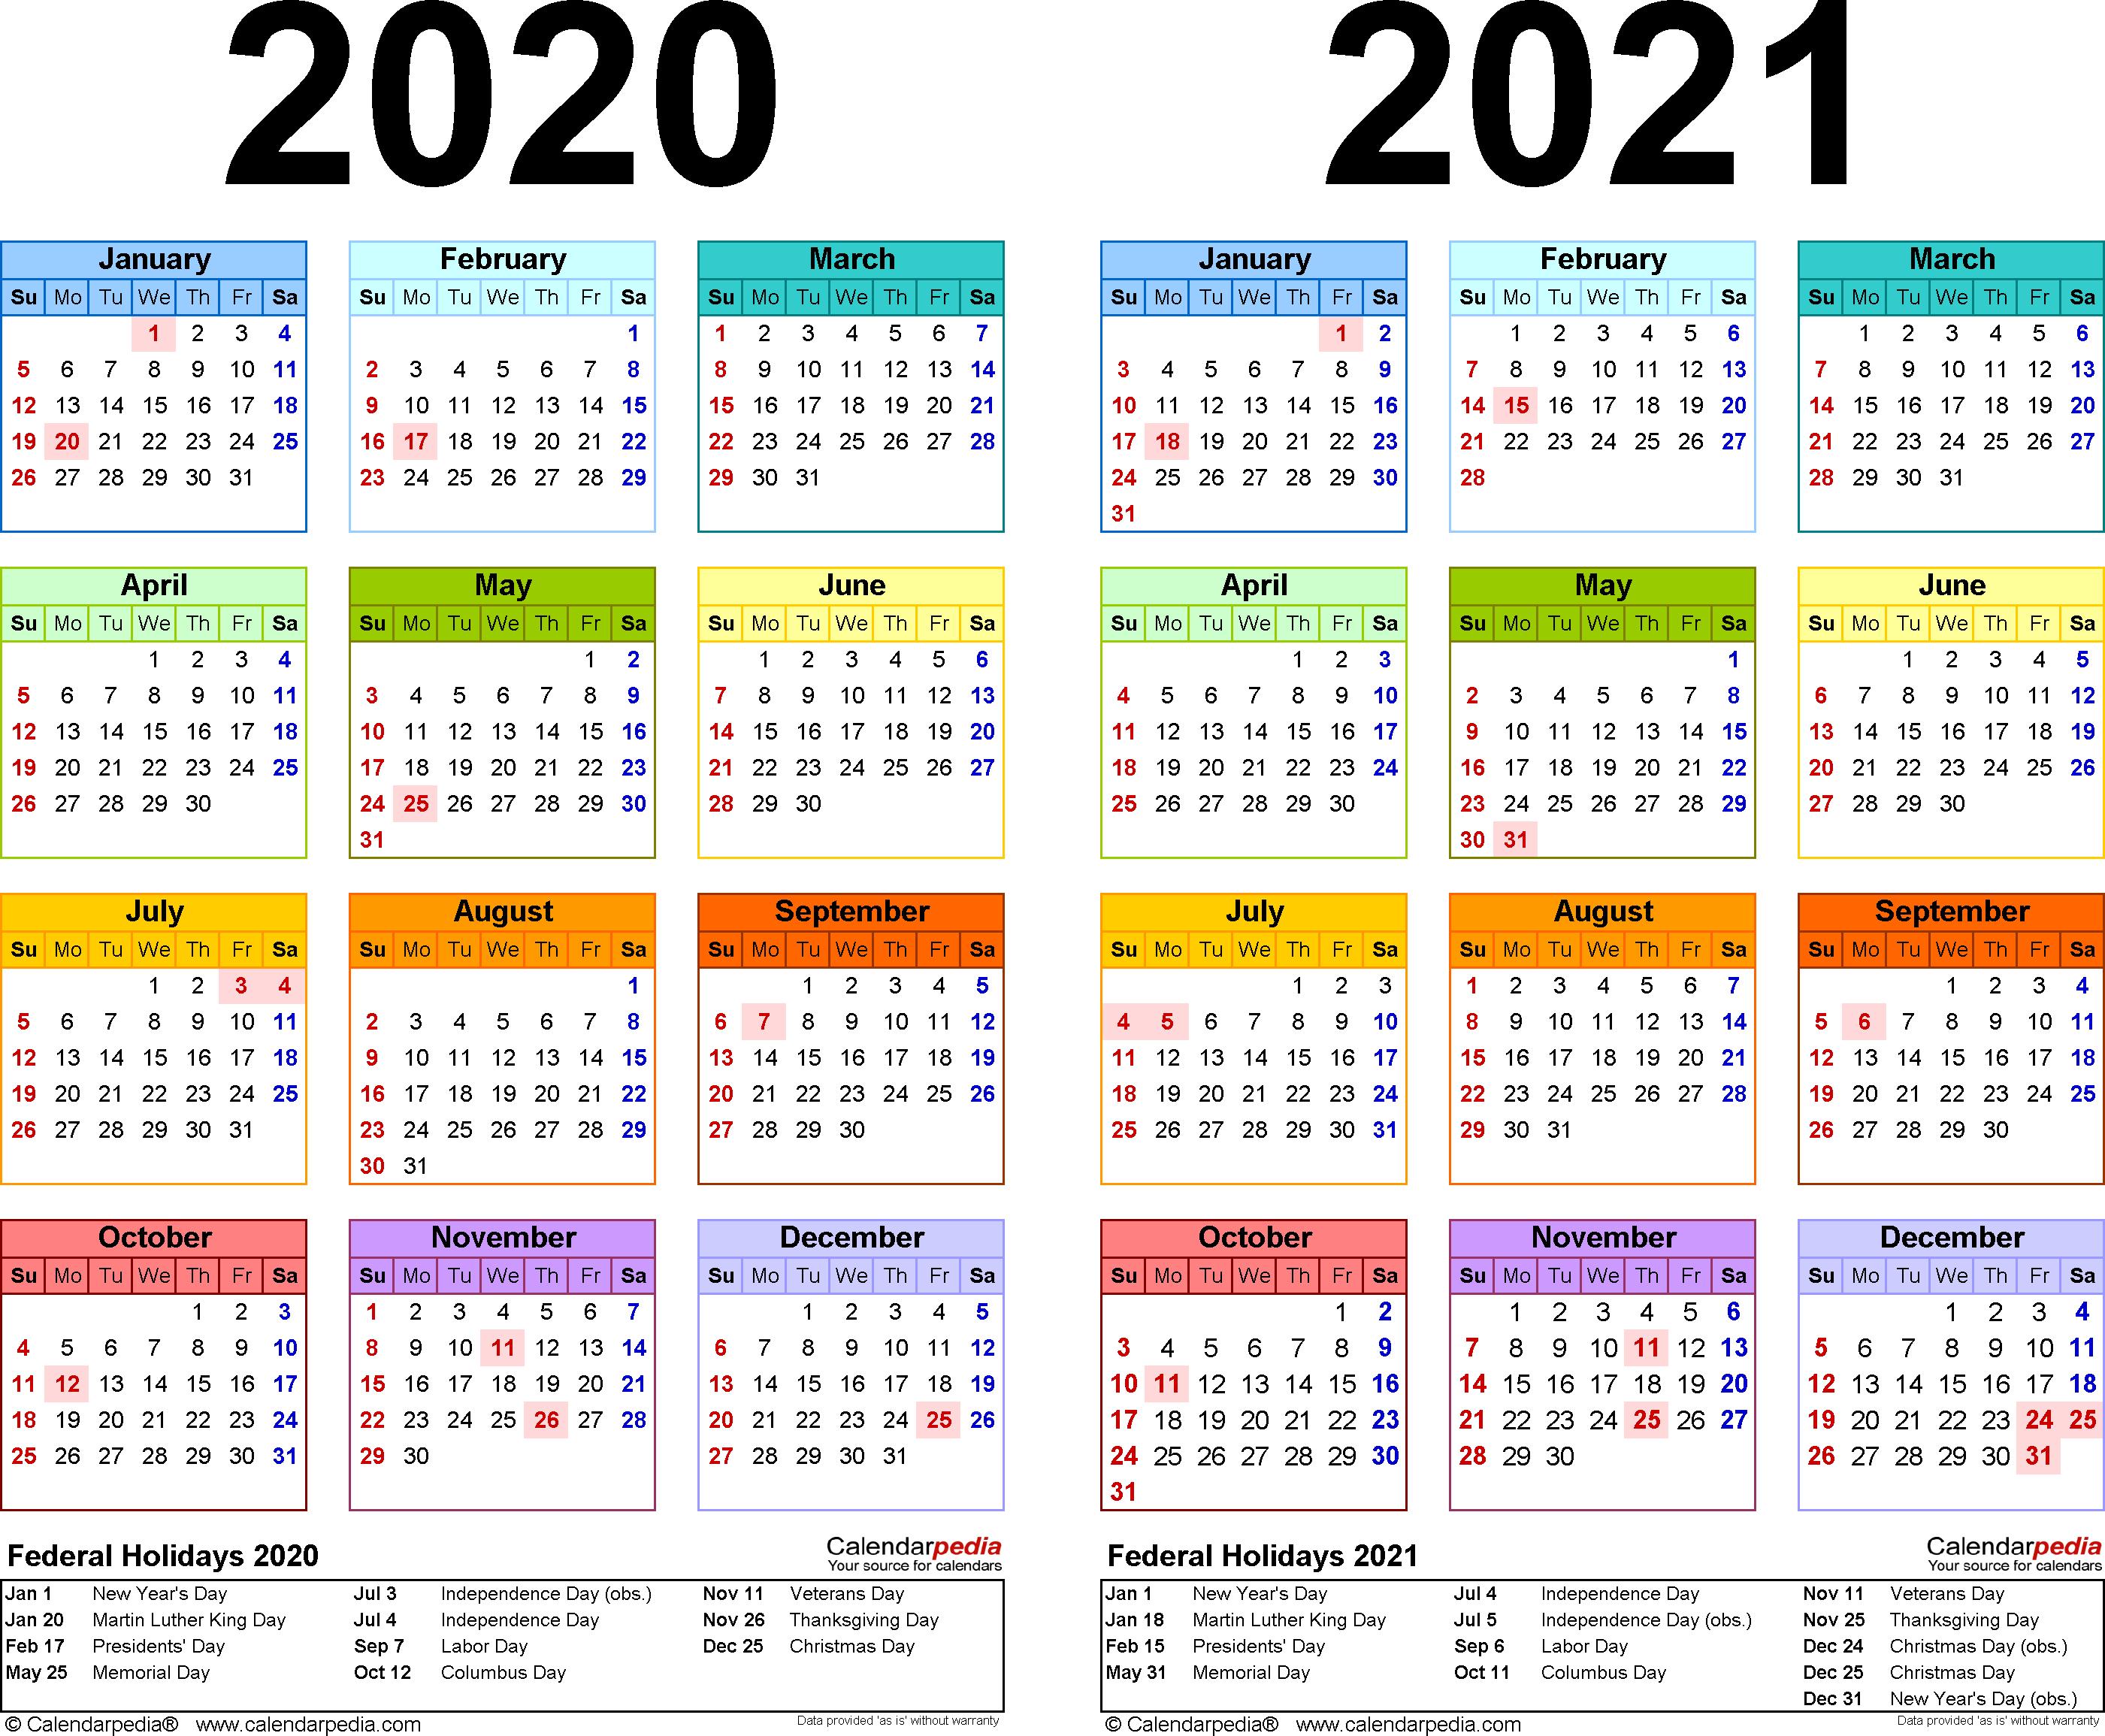 2020 Calendar Excel – Printable Year Calendar throughout Calendarpedia 2020 Excel